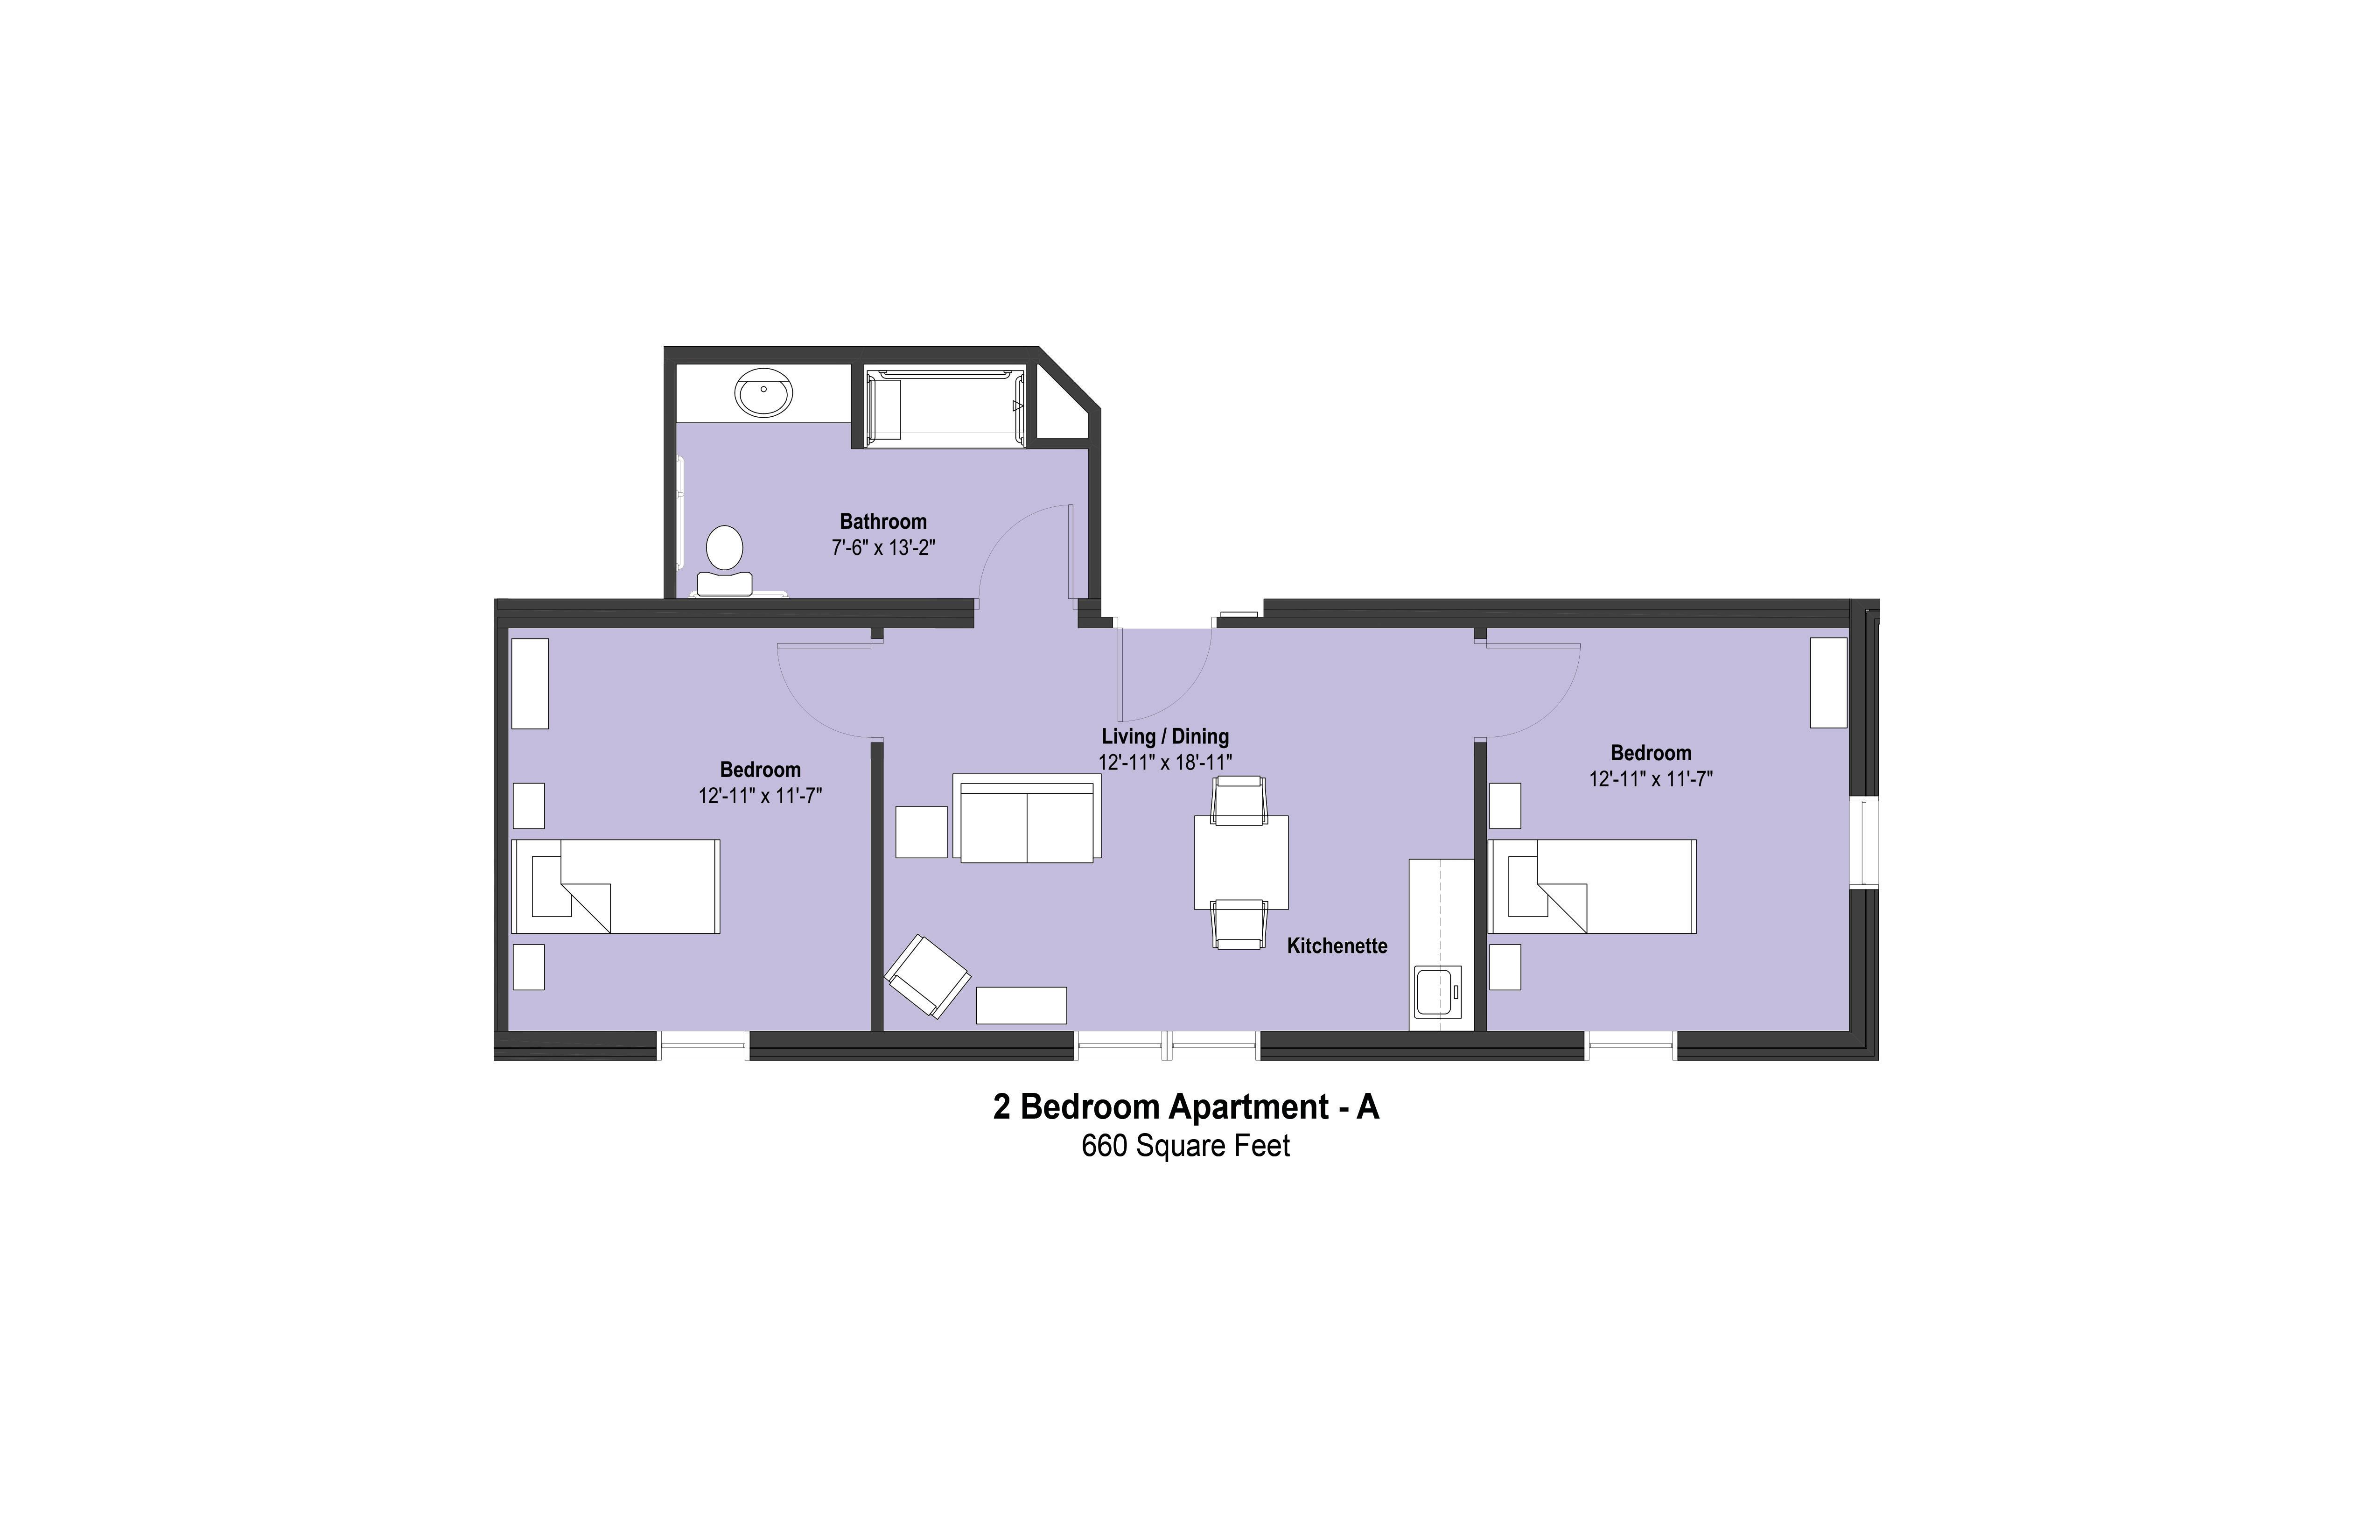 2 Bedroom Apartment - A - Color